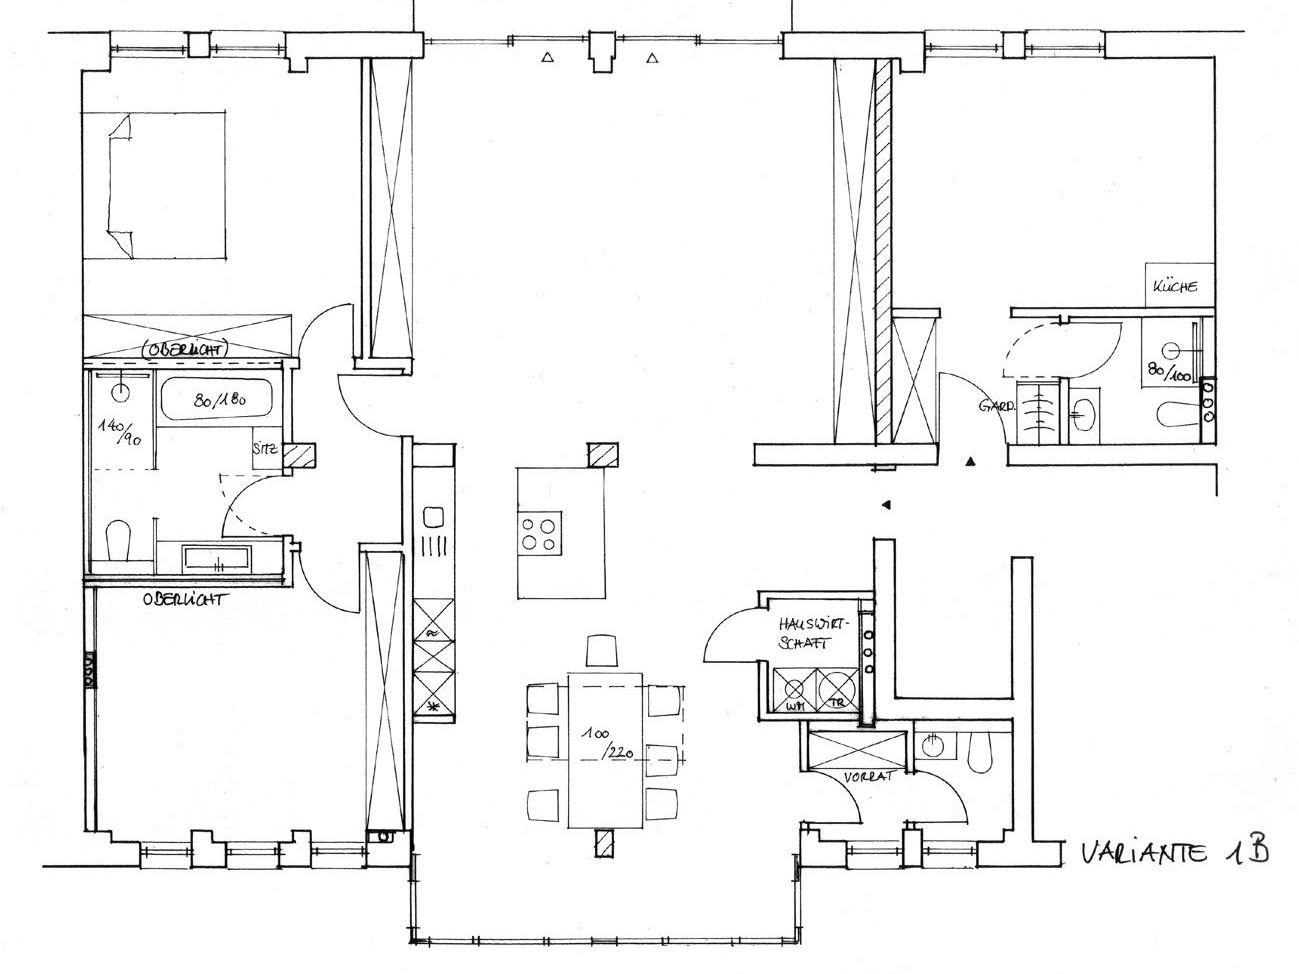 Nutzungskonzepte Loftwohnung - Variante 1B